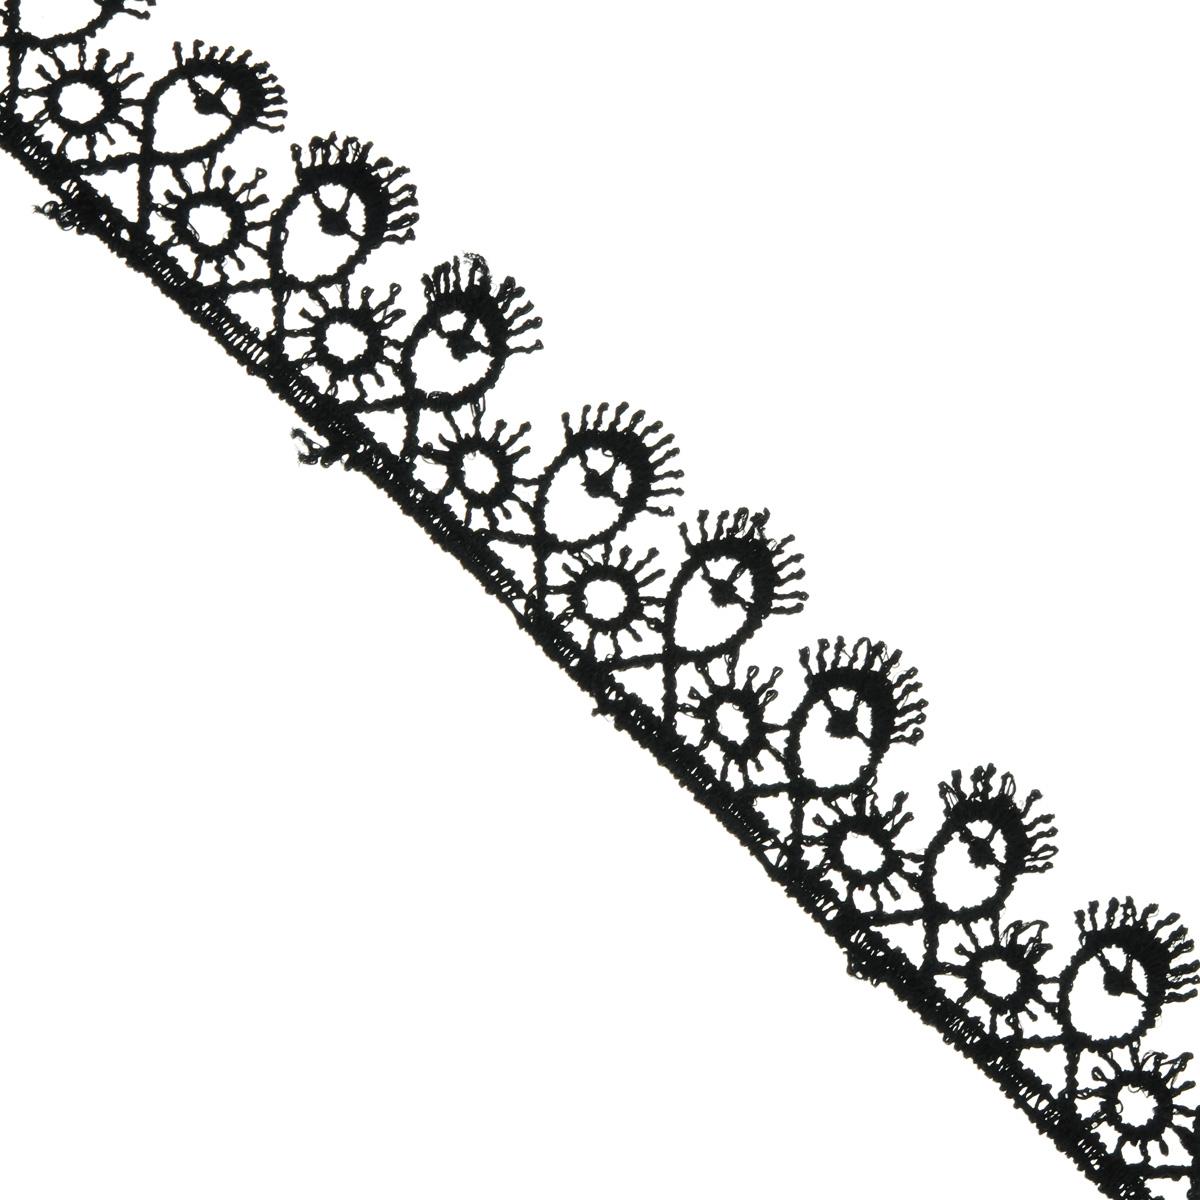 Кружево вязаное Астра, цвет: черный, ширина 2 см, длина 9 м. 77043817704381Кружево Астра, изготовленное из 35% хлопка и 65% полиэстера, предназначено для декорирования. Вязаное кружево часто применяется для завершения таких изделий, как шали, платки, кофточки, салфетки, скатерти, а также для изготовления воротников, манжет, различных отделок. Кружева широко применяются в оформлении интерьера: в виде декоративных панно, скатертей, занавесок, постельного белья (подушки, покрывала), салфеток и подстаканников. Ширина: 2 см. Длина: 9 м.